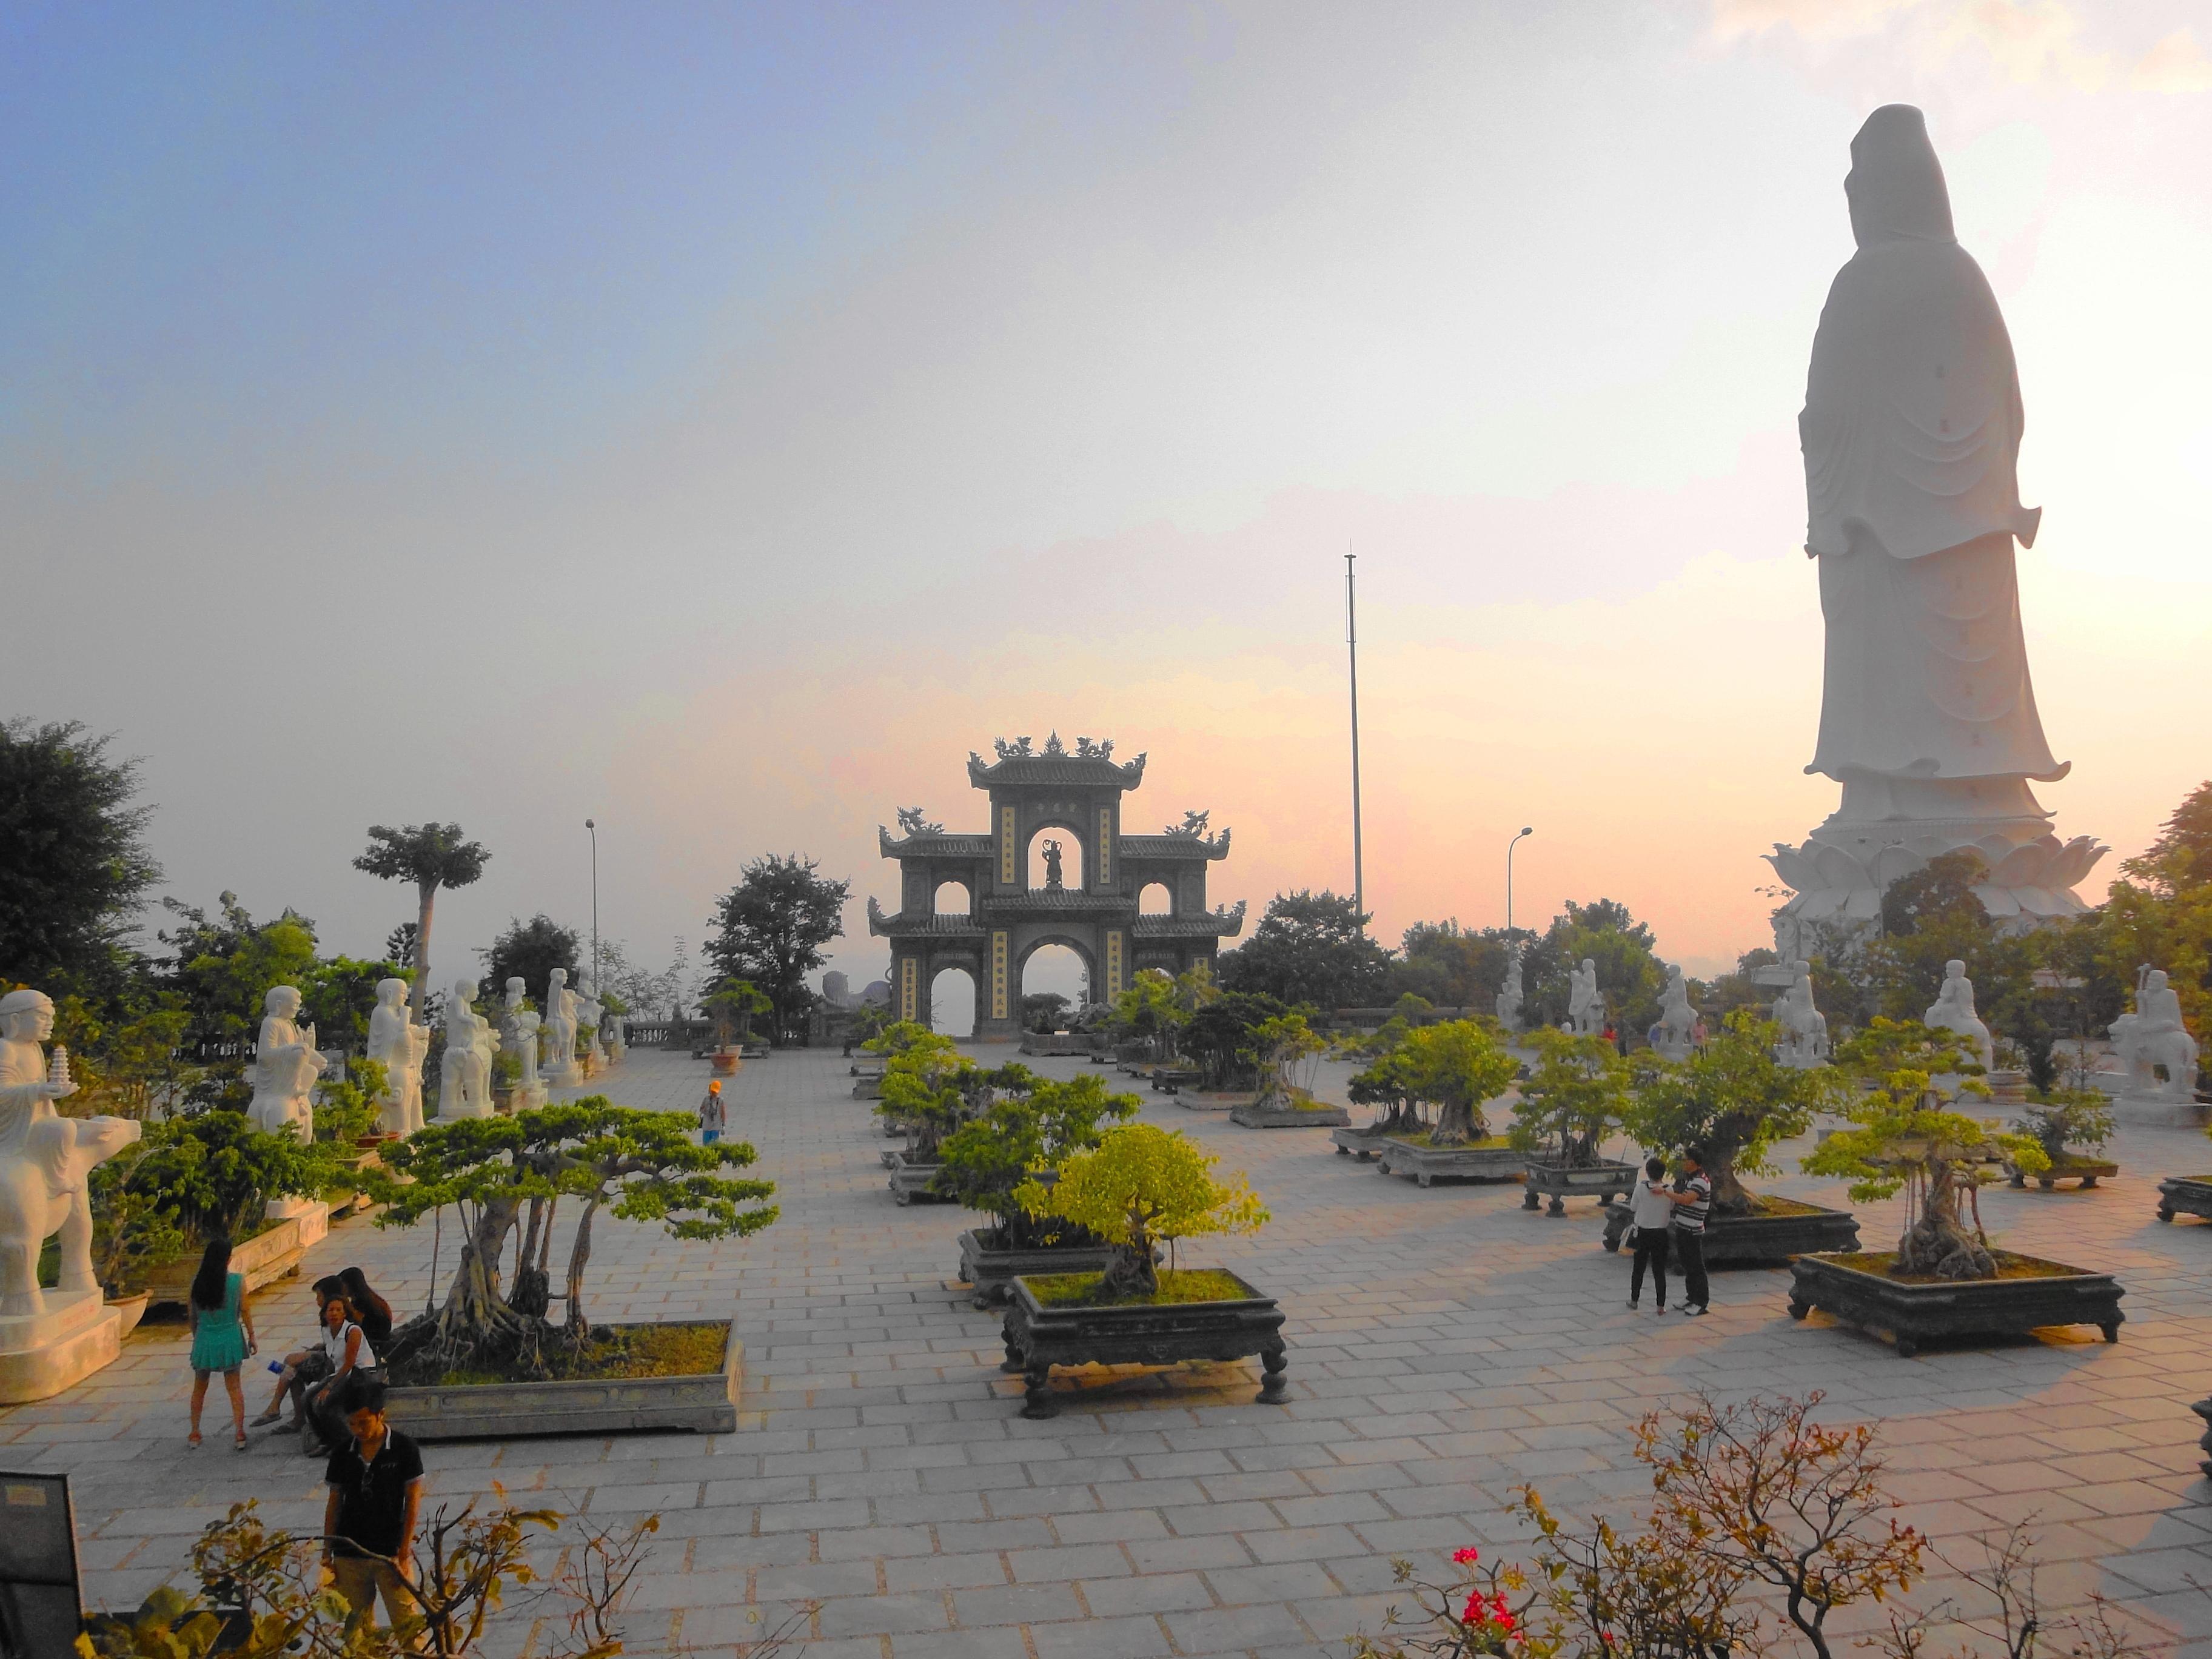 人気急上昇の観光都市トップ10、1位はベトナム・ダナン、日本では沖縄・那覇がランクイン ―トリップアドバイザー